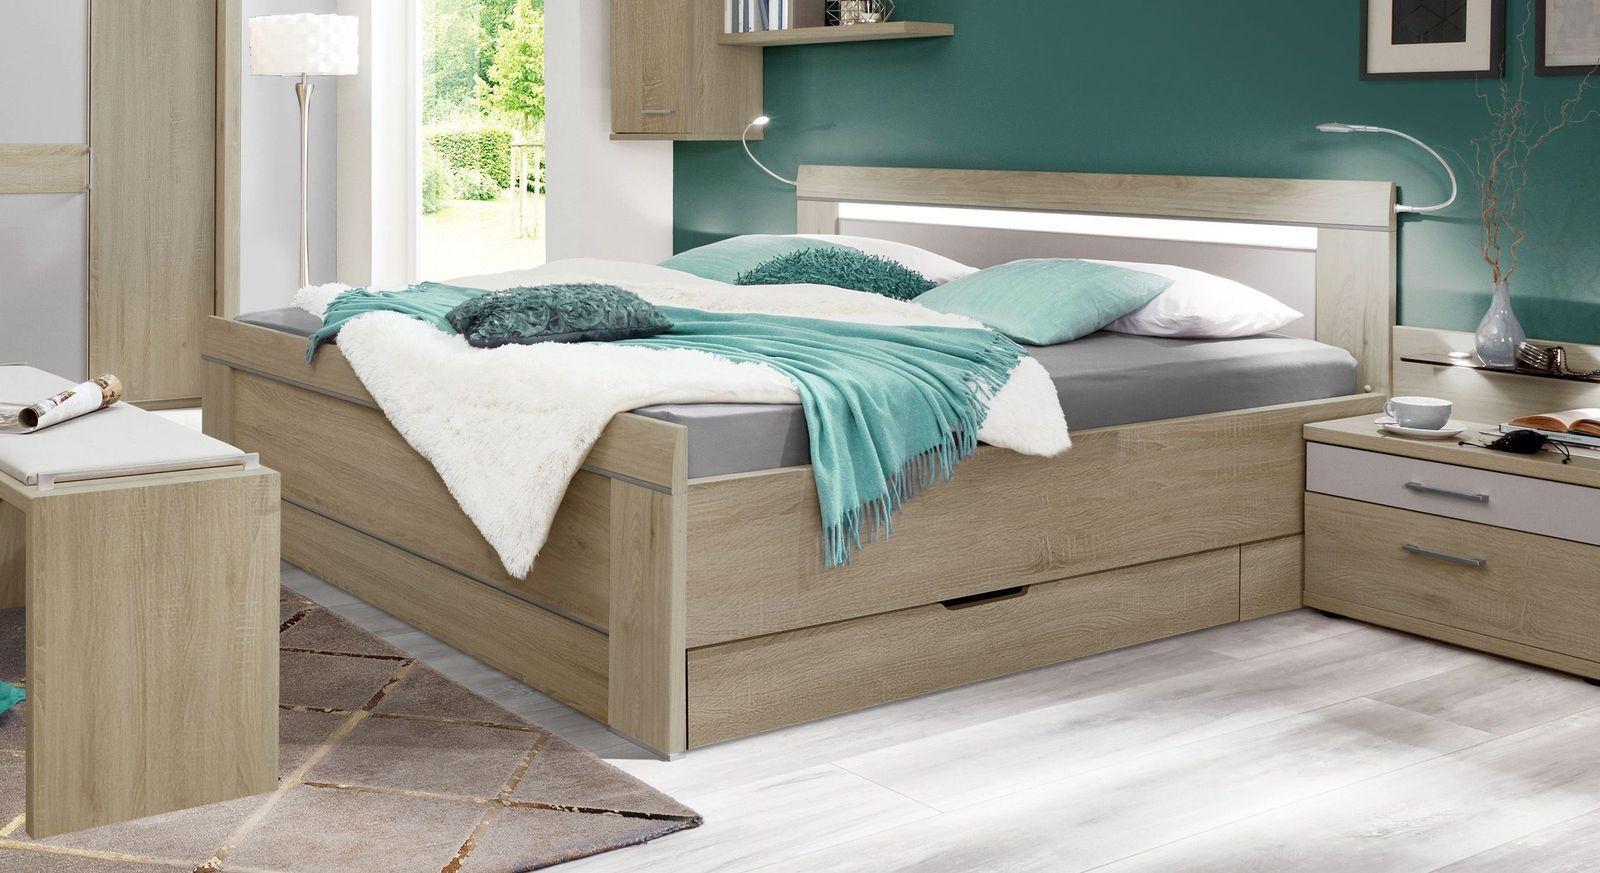 Bett Pelham mit praktischem Bettkasten